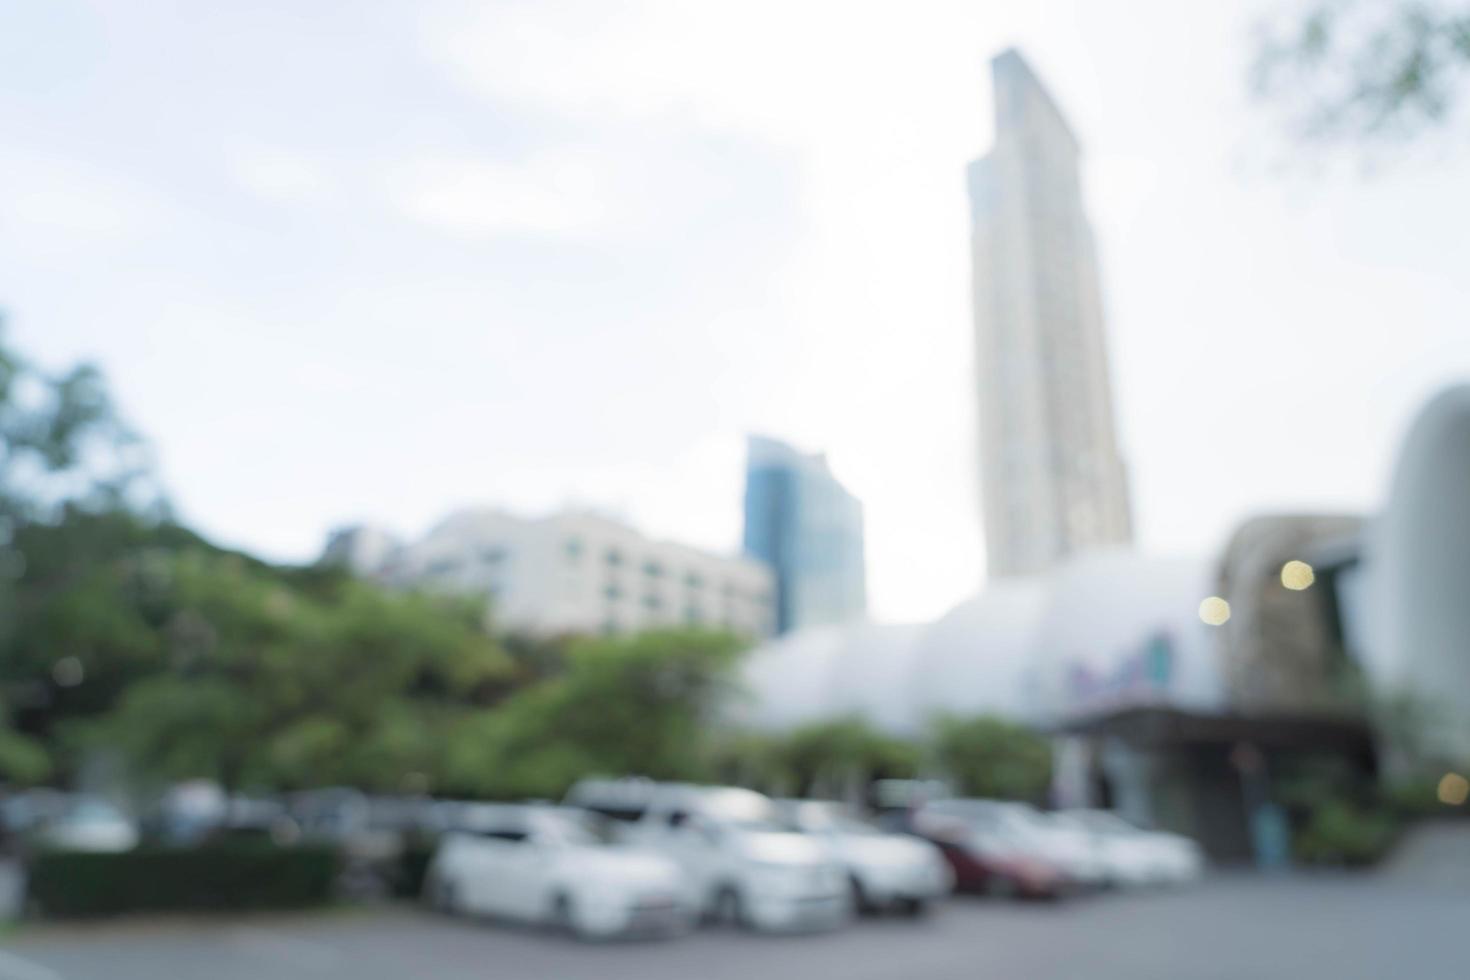 voiture de stationnement floue abstraite pour le fond photo